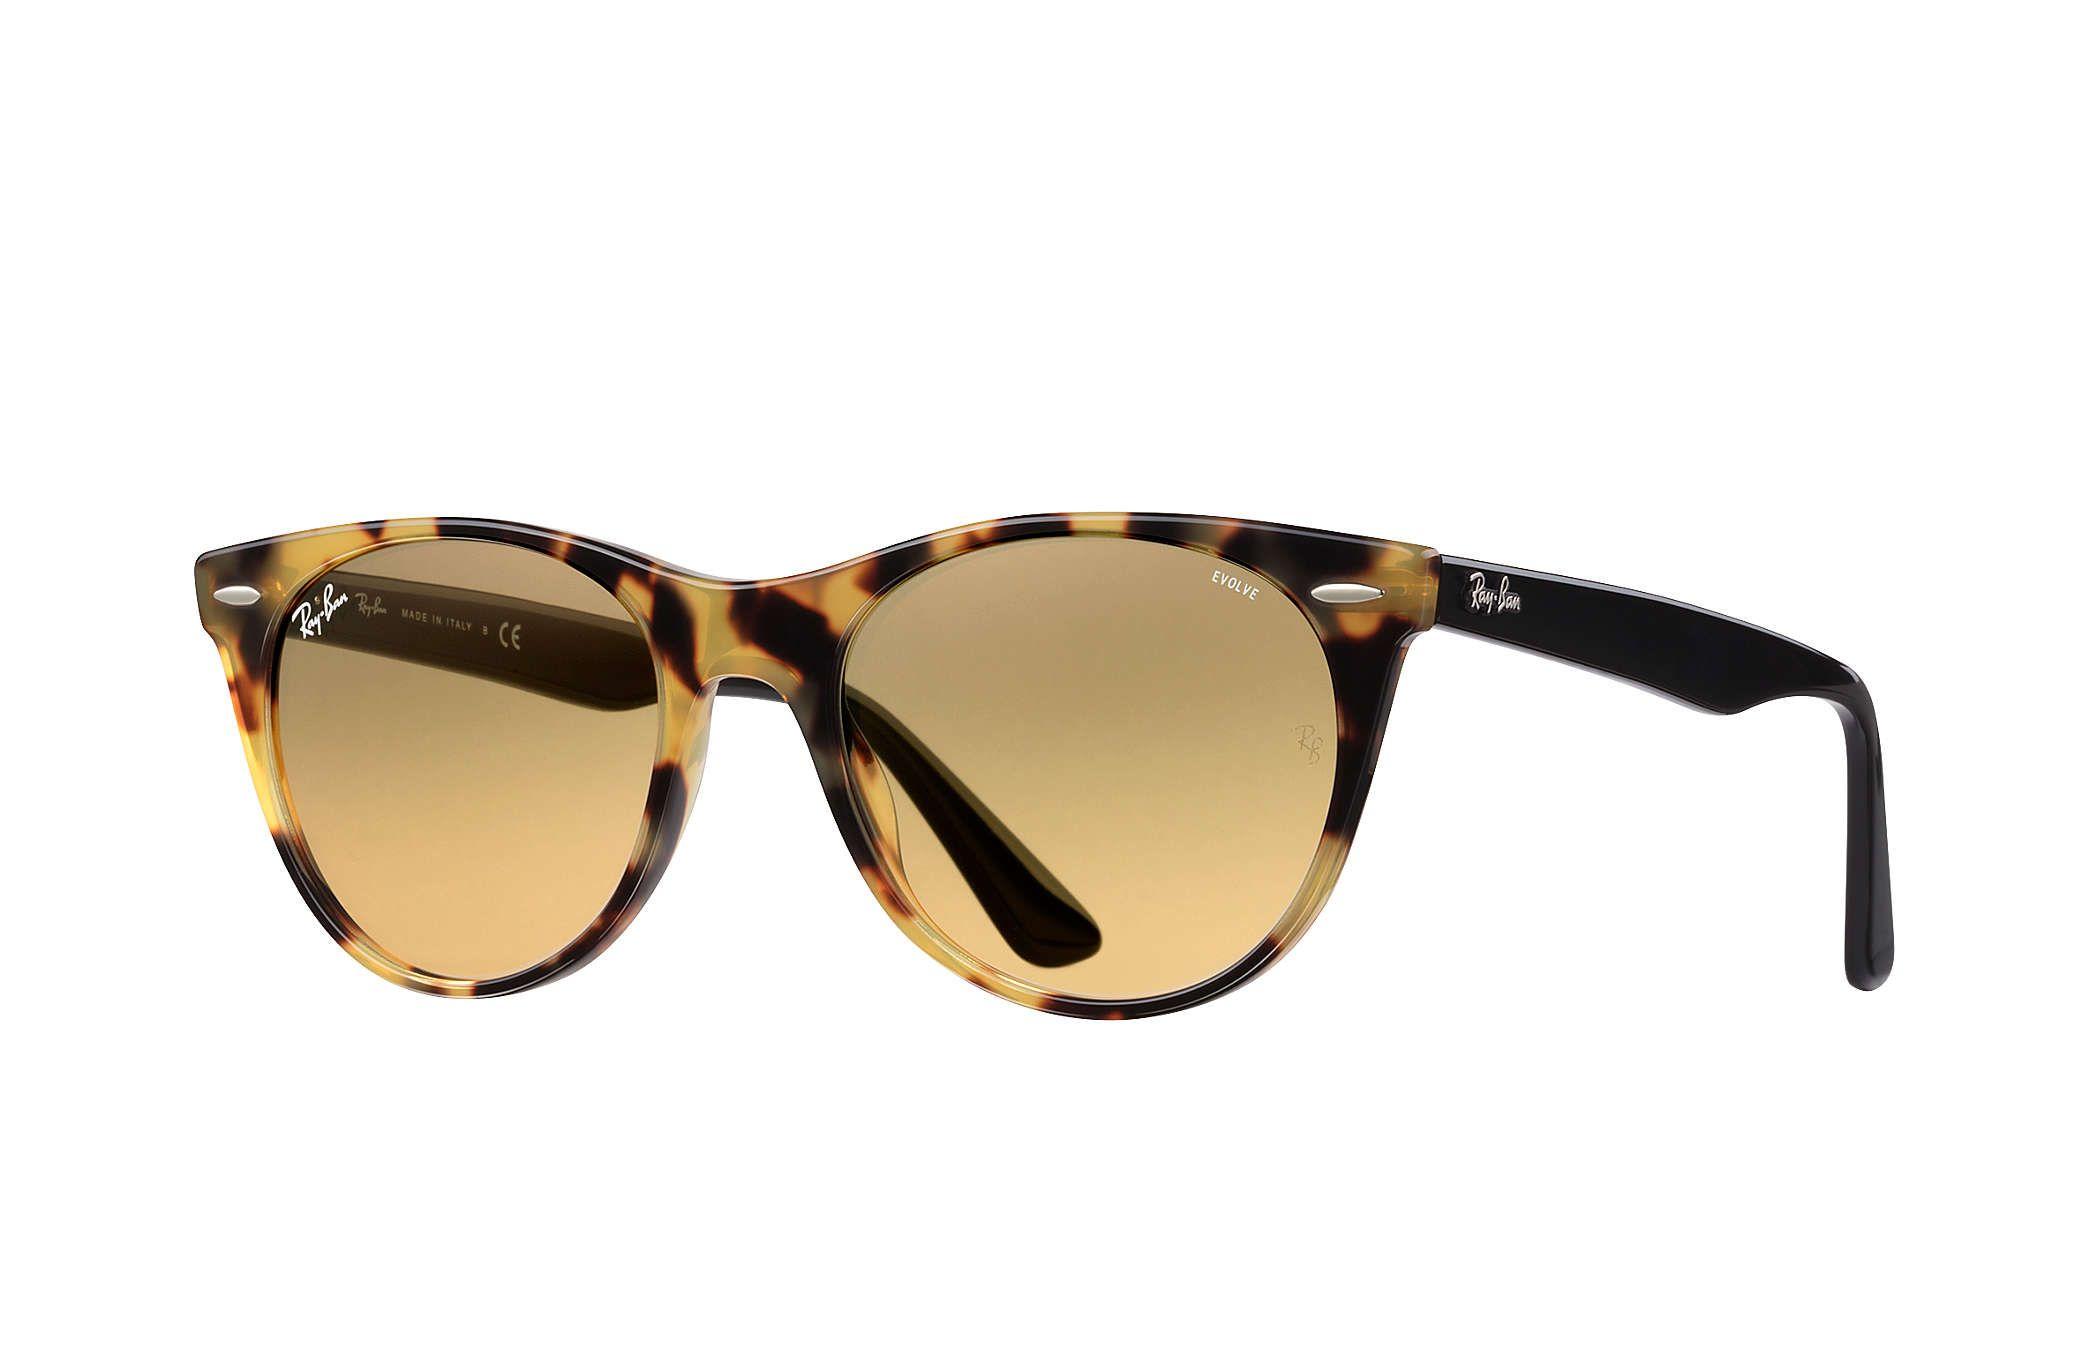 Ray Ban 0rb2185 Wayfarer Ii Evolve Yellow Havana Black Sun Sunglasses Ray Bans Rayban Wayfarer